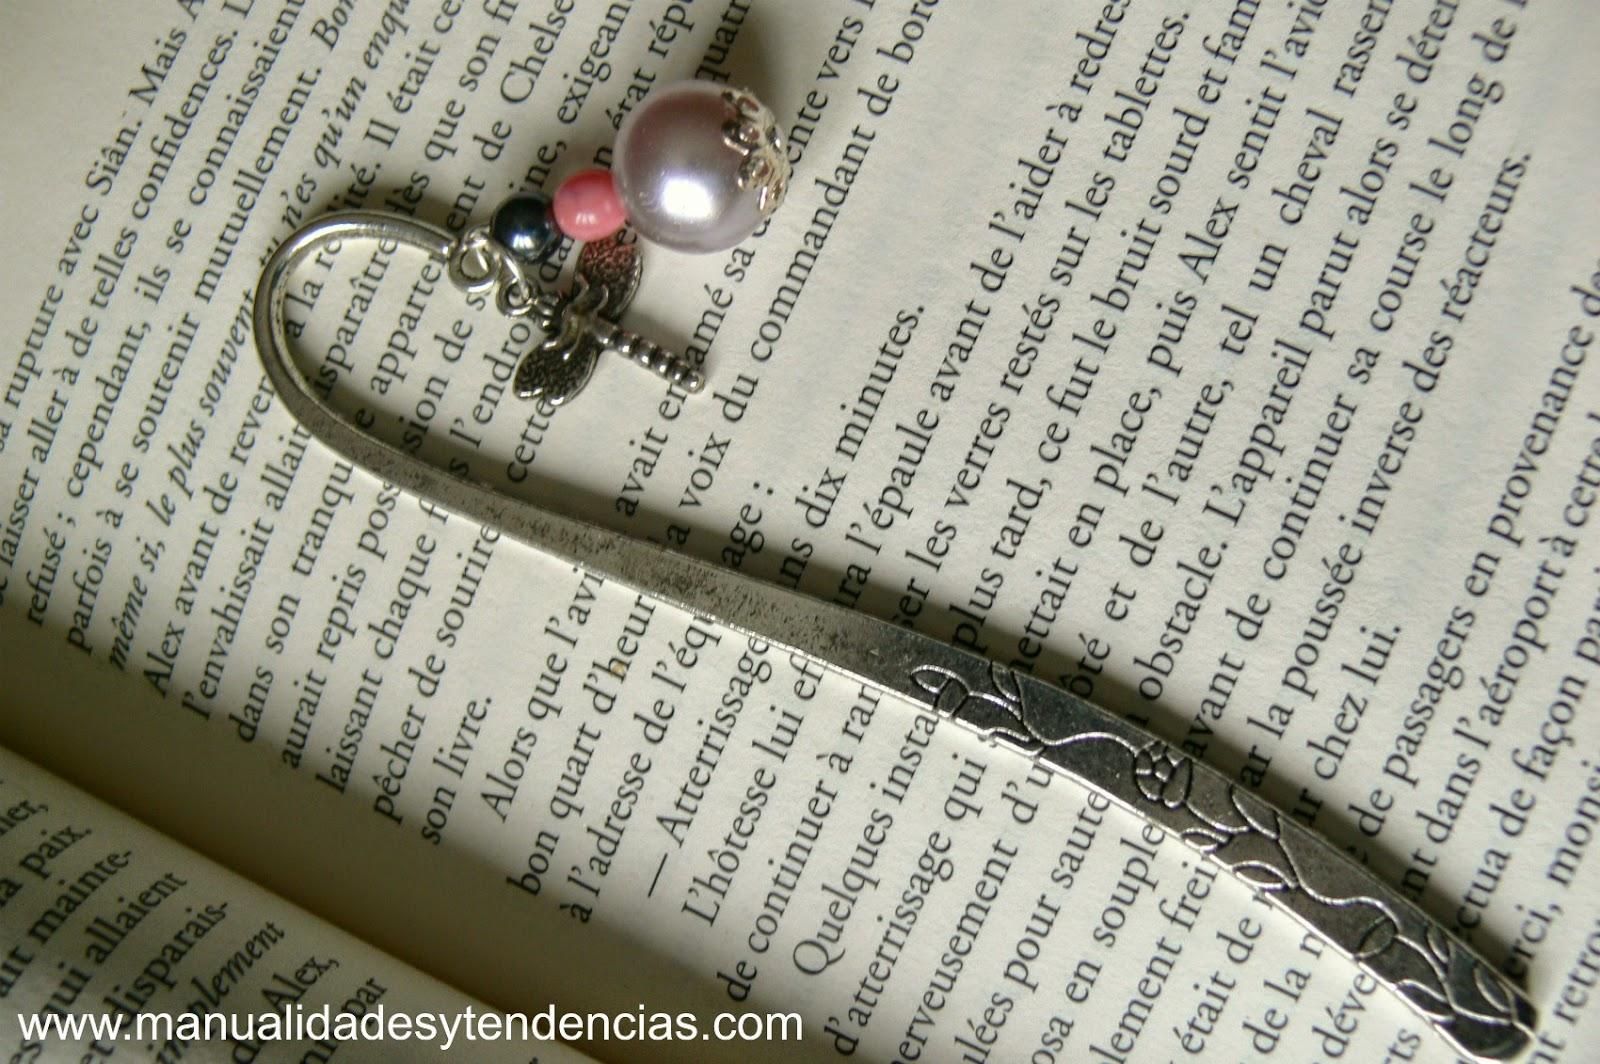 Marcapáginas metálico vintage / Bookmark